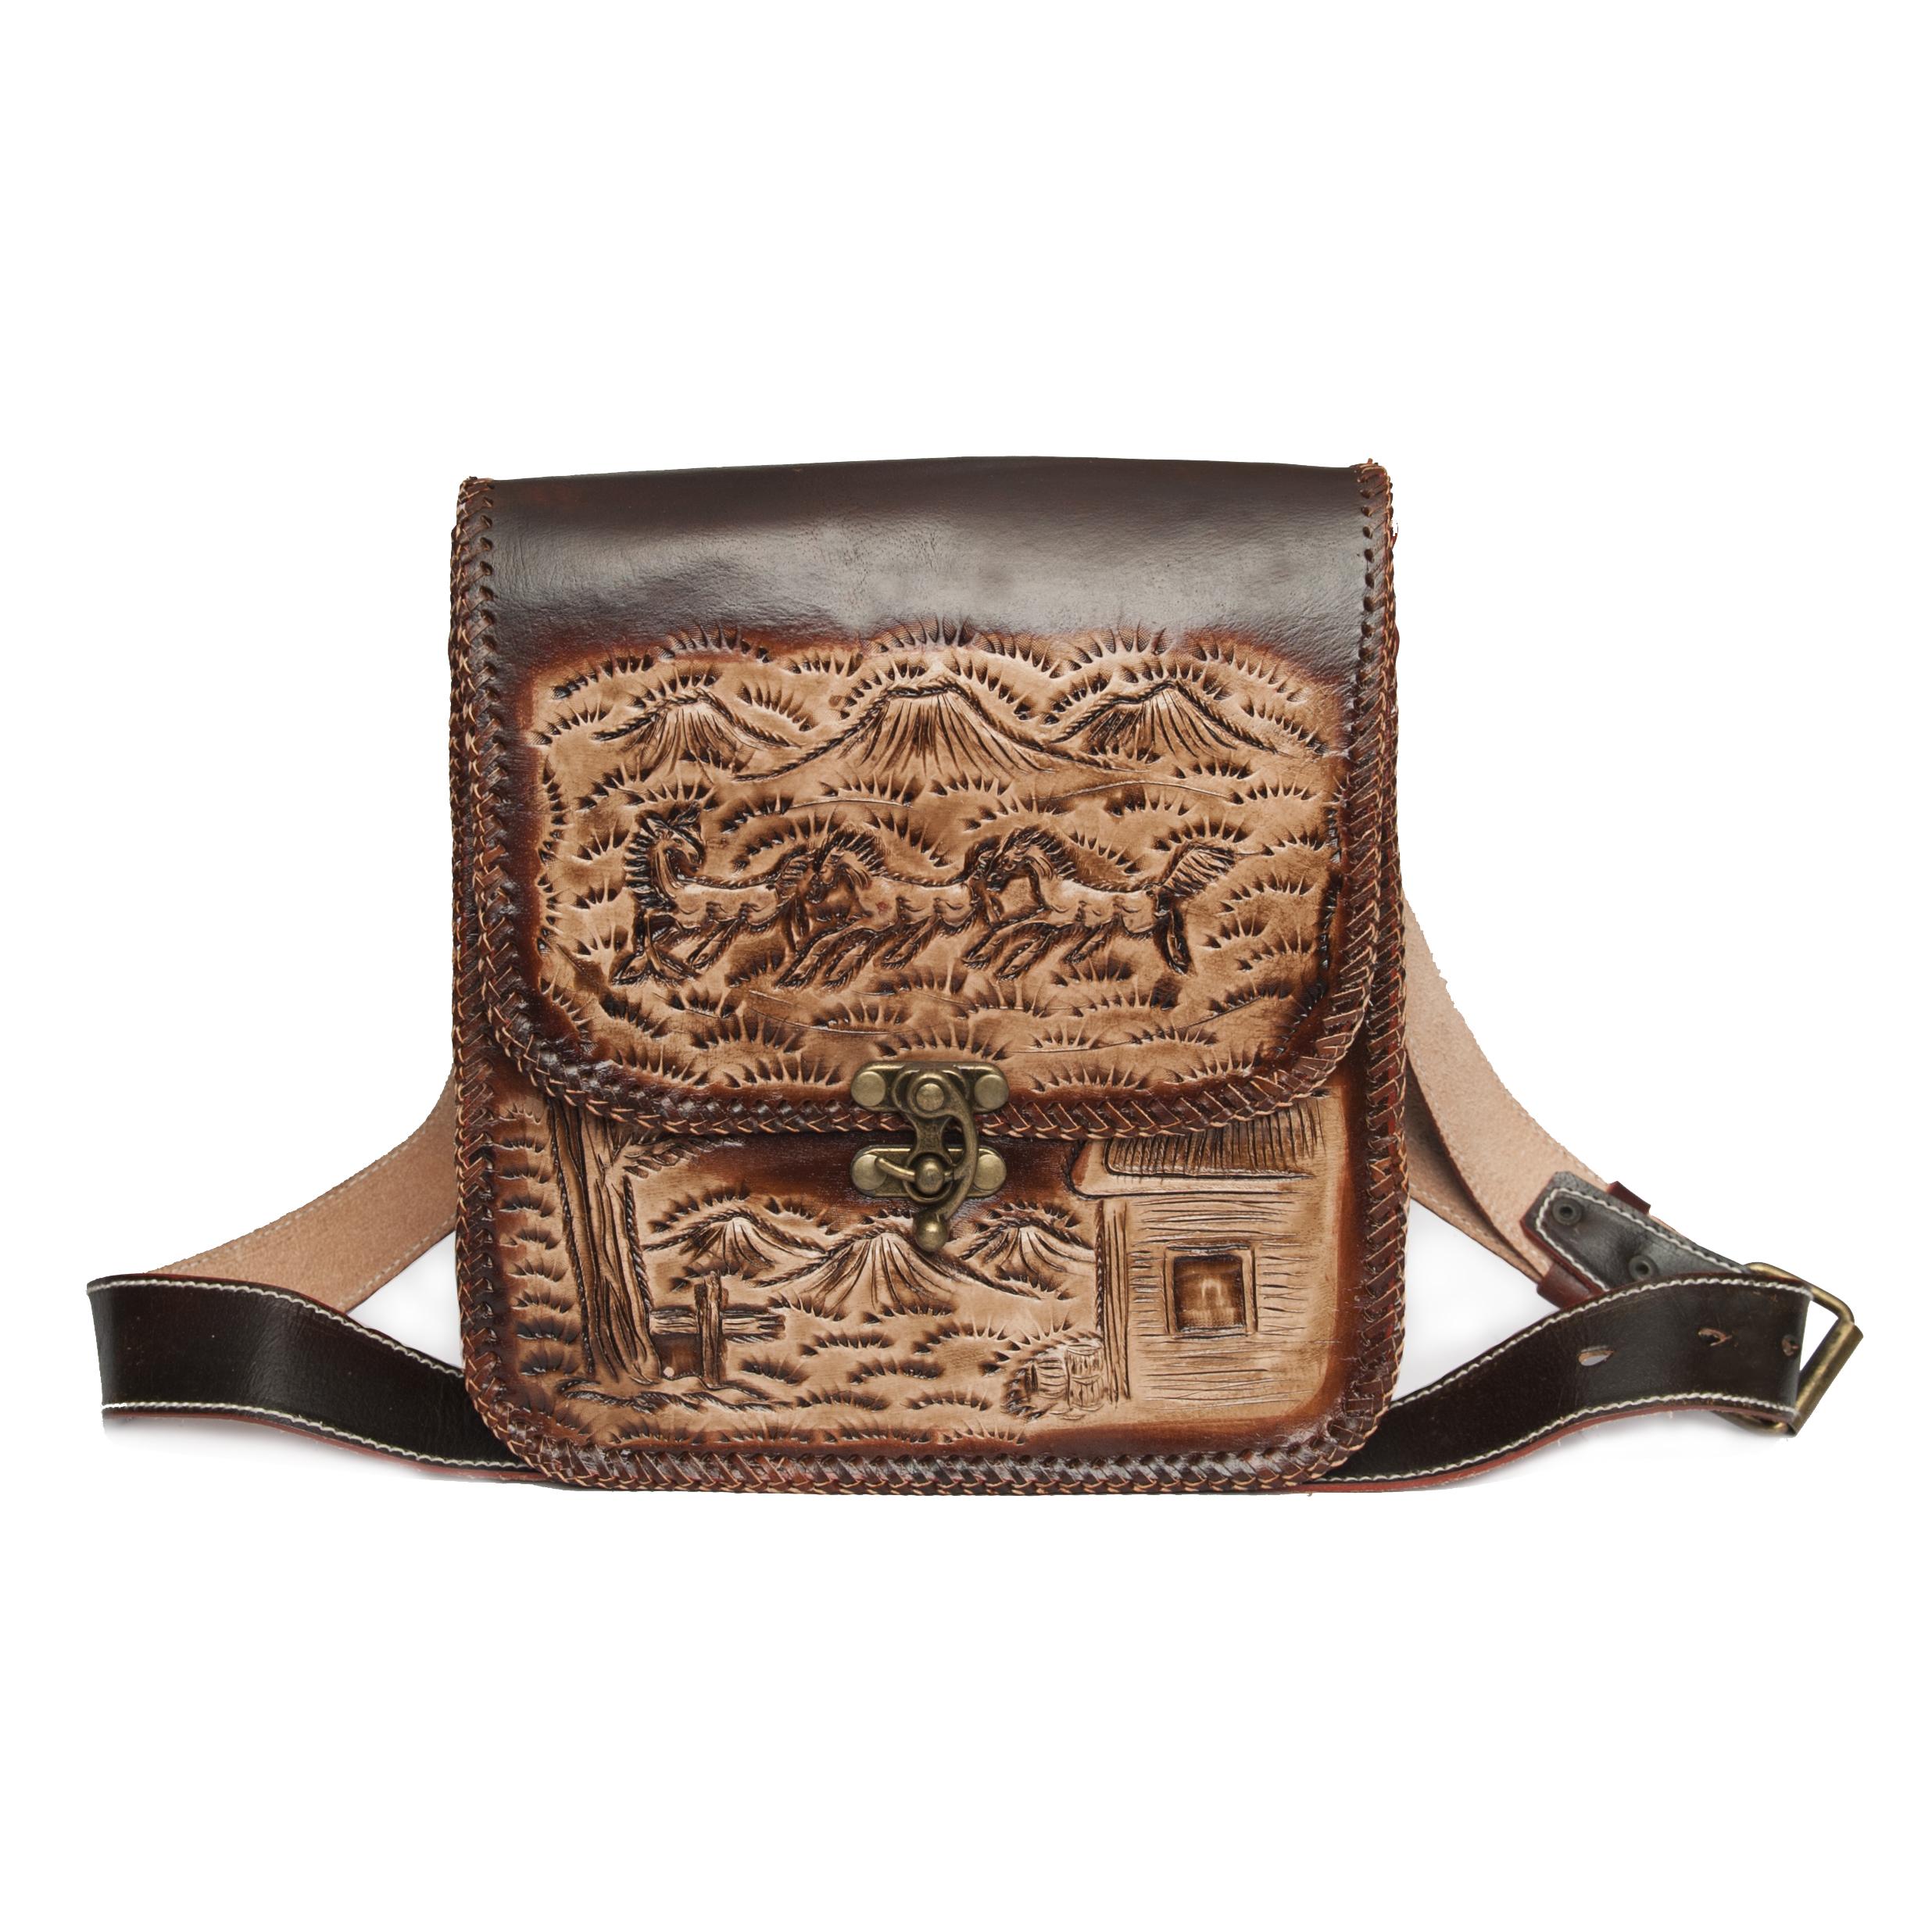 กระเป๋าสะพายข้างผู้ชาย สไตล์คาบอย เป็นกระเป๋าหนังฟอกฟาดตอกลาย เหมาะสำหรับผู้ชายมากที่สุด